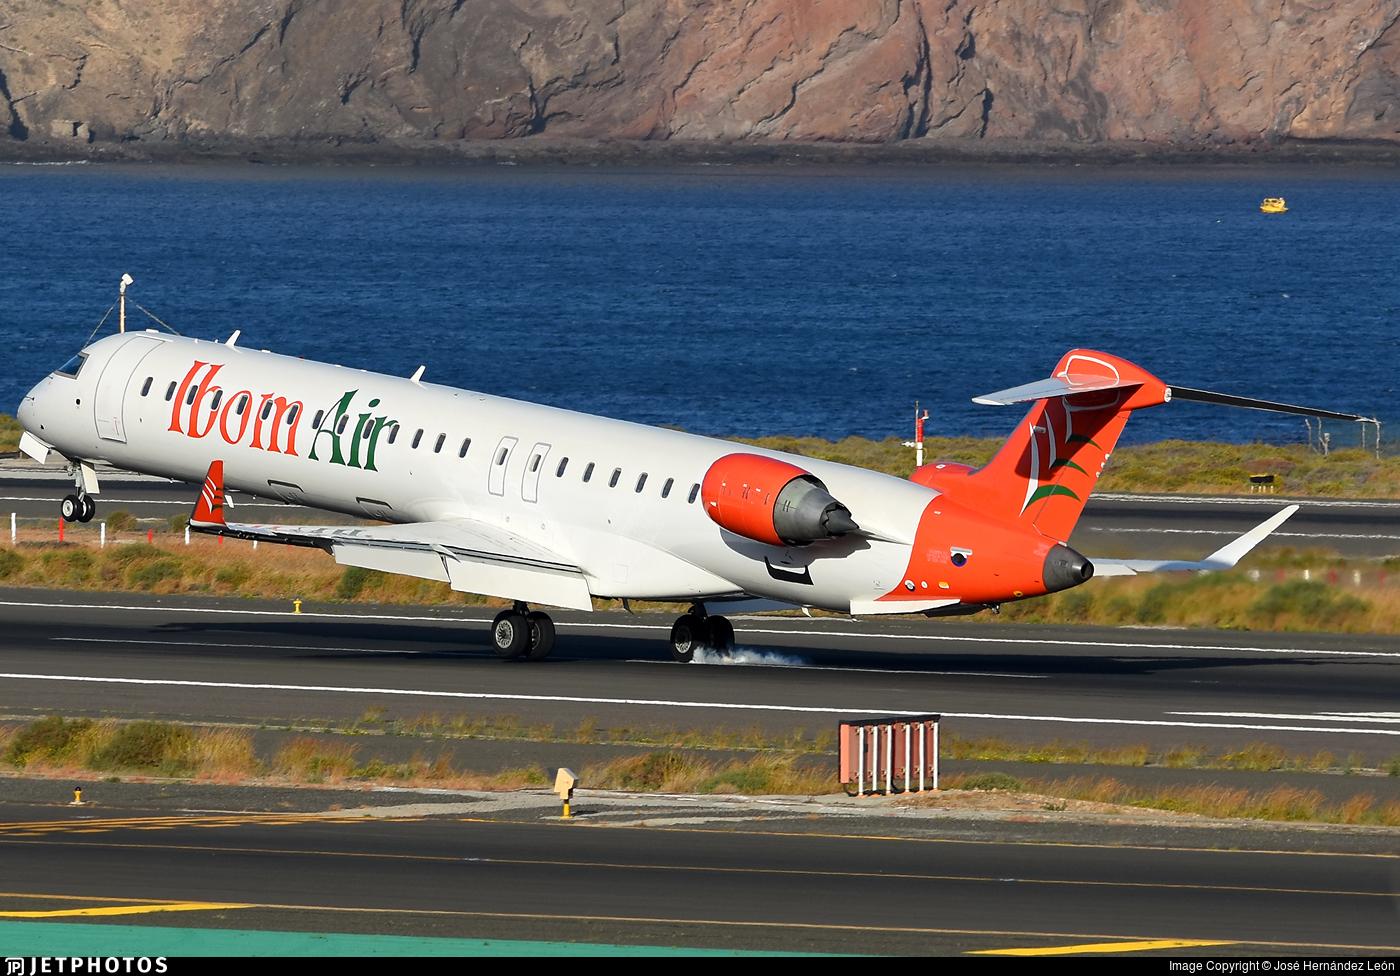 C-FWNK - Bombardier CRJ-900LR - Ibom Air